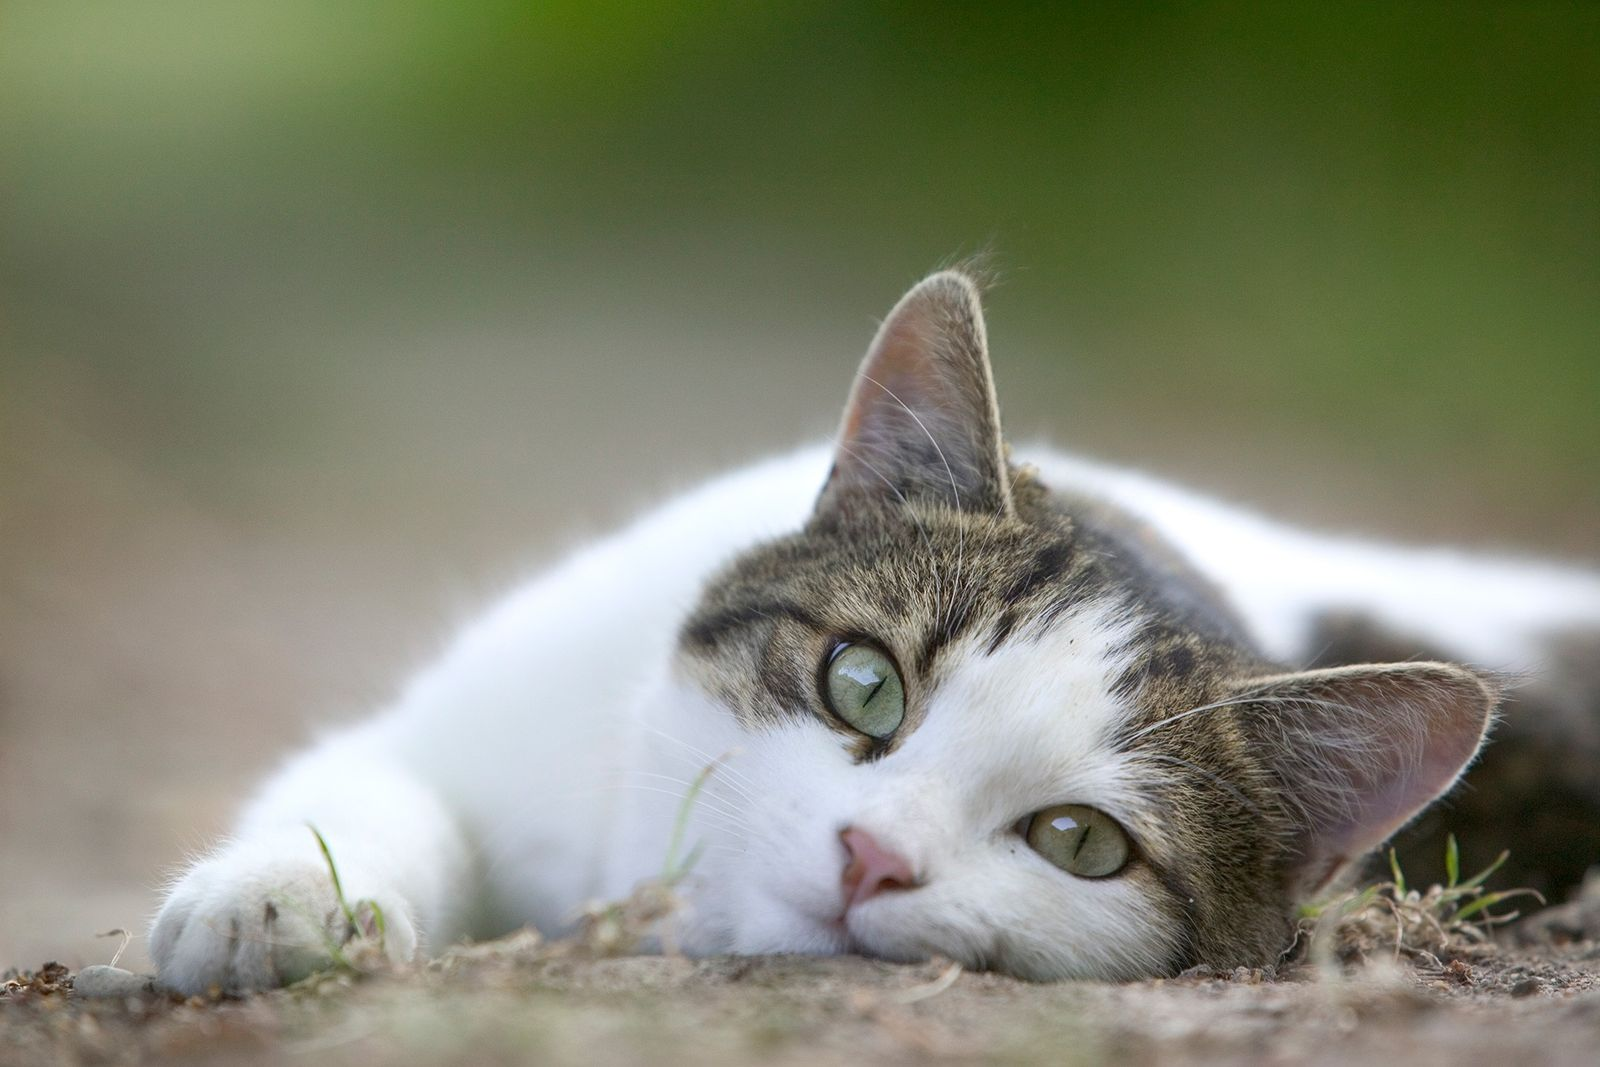 Os Gatos Não Gostam de Festas na Barriga – Porquê?